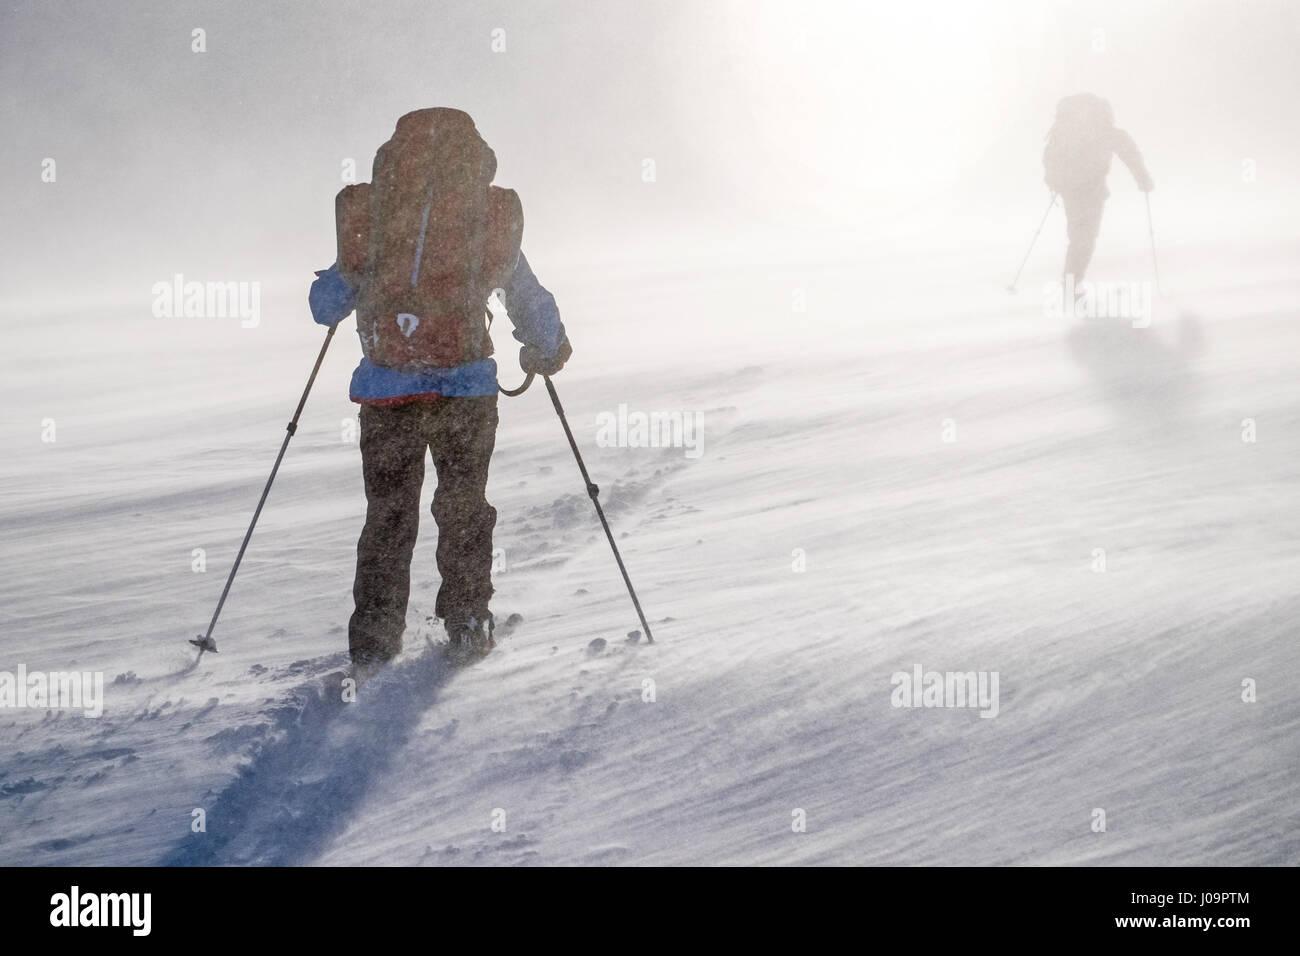 Esquí de travesía en una tormenta en el Ártico en la frontera noruega Troms Trail Foto de stock